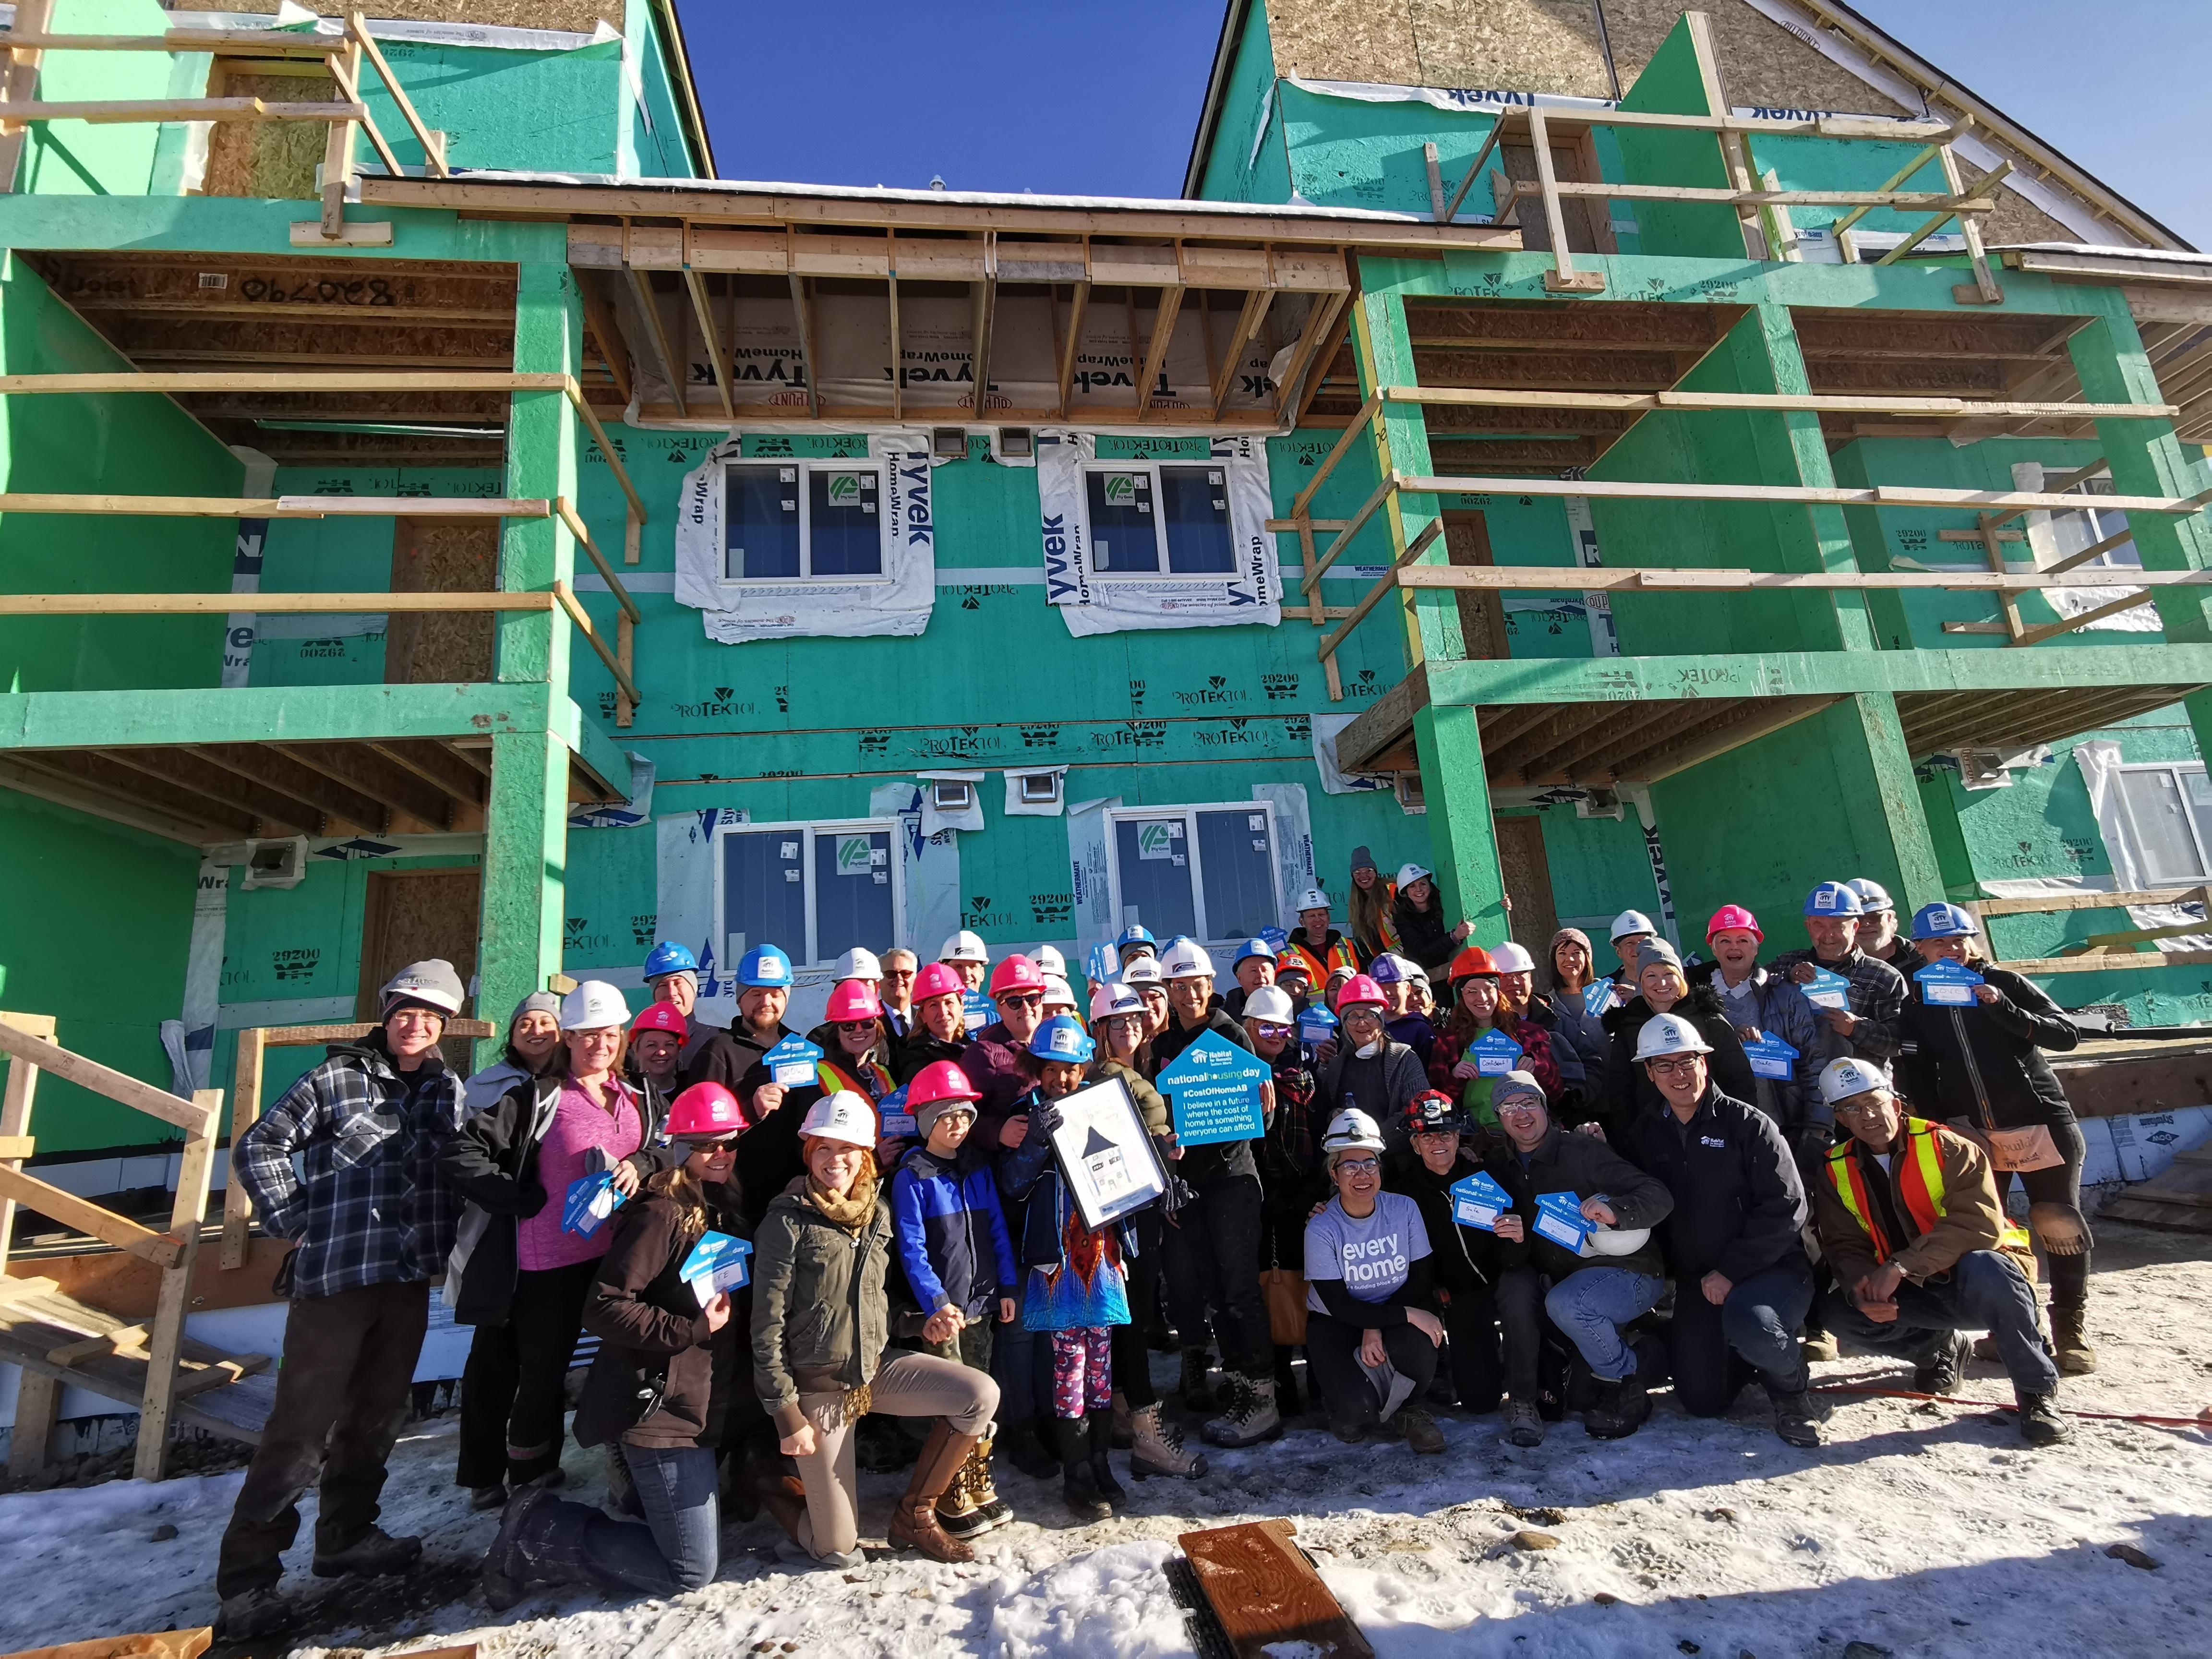 REALTORS Care Week: In Calgary for Habitat build